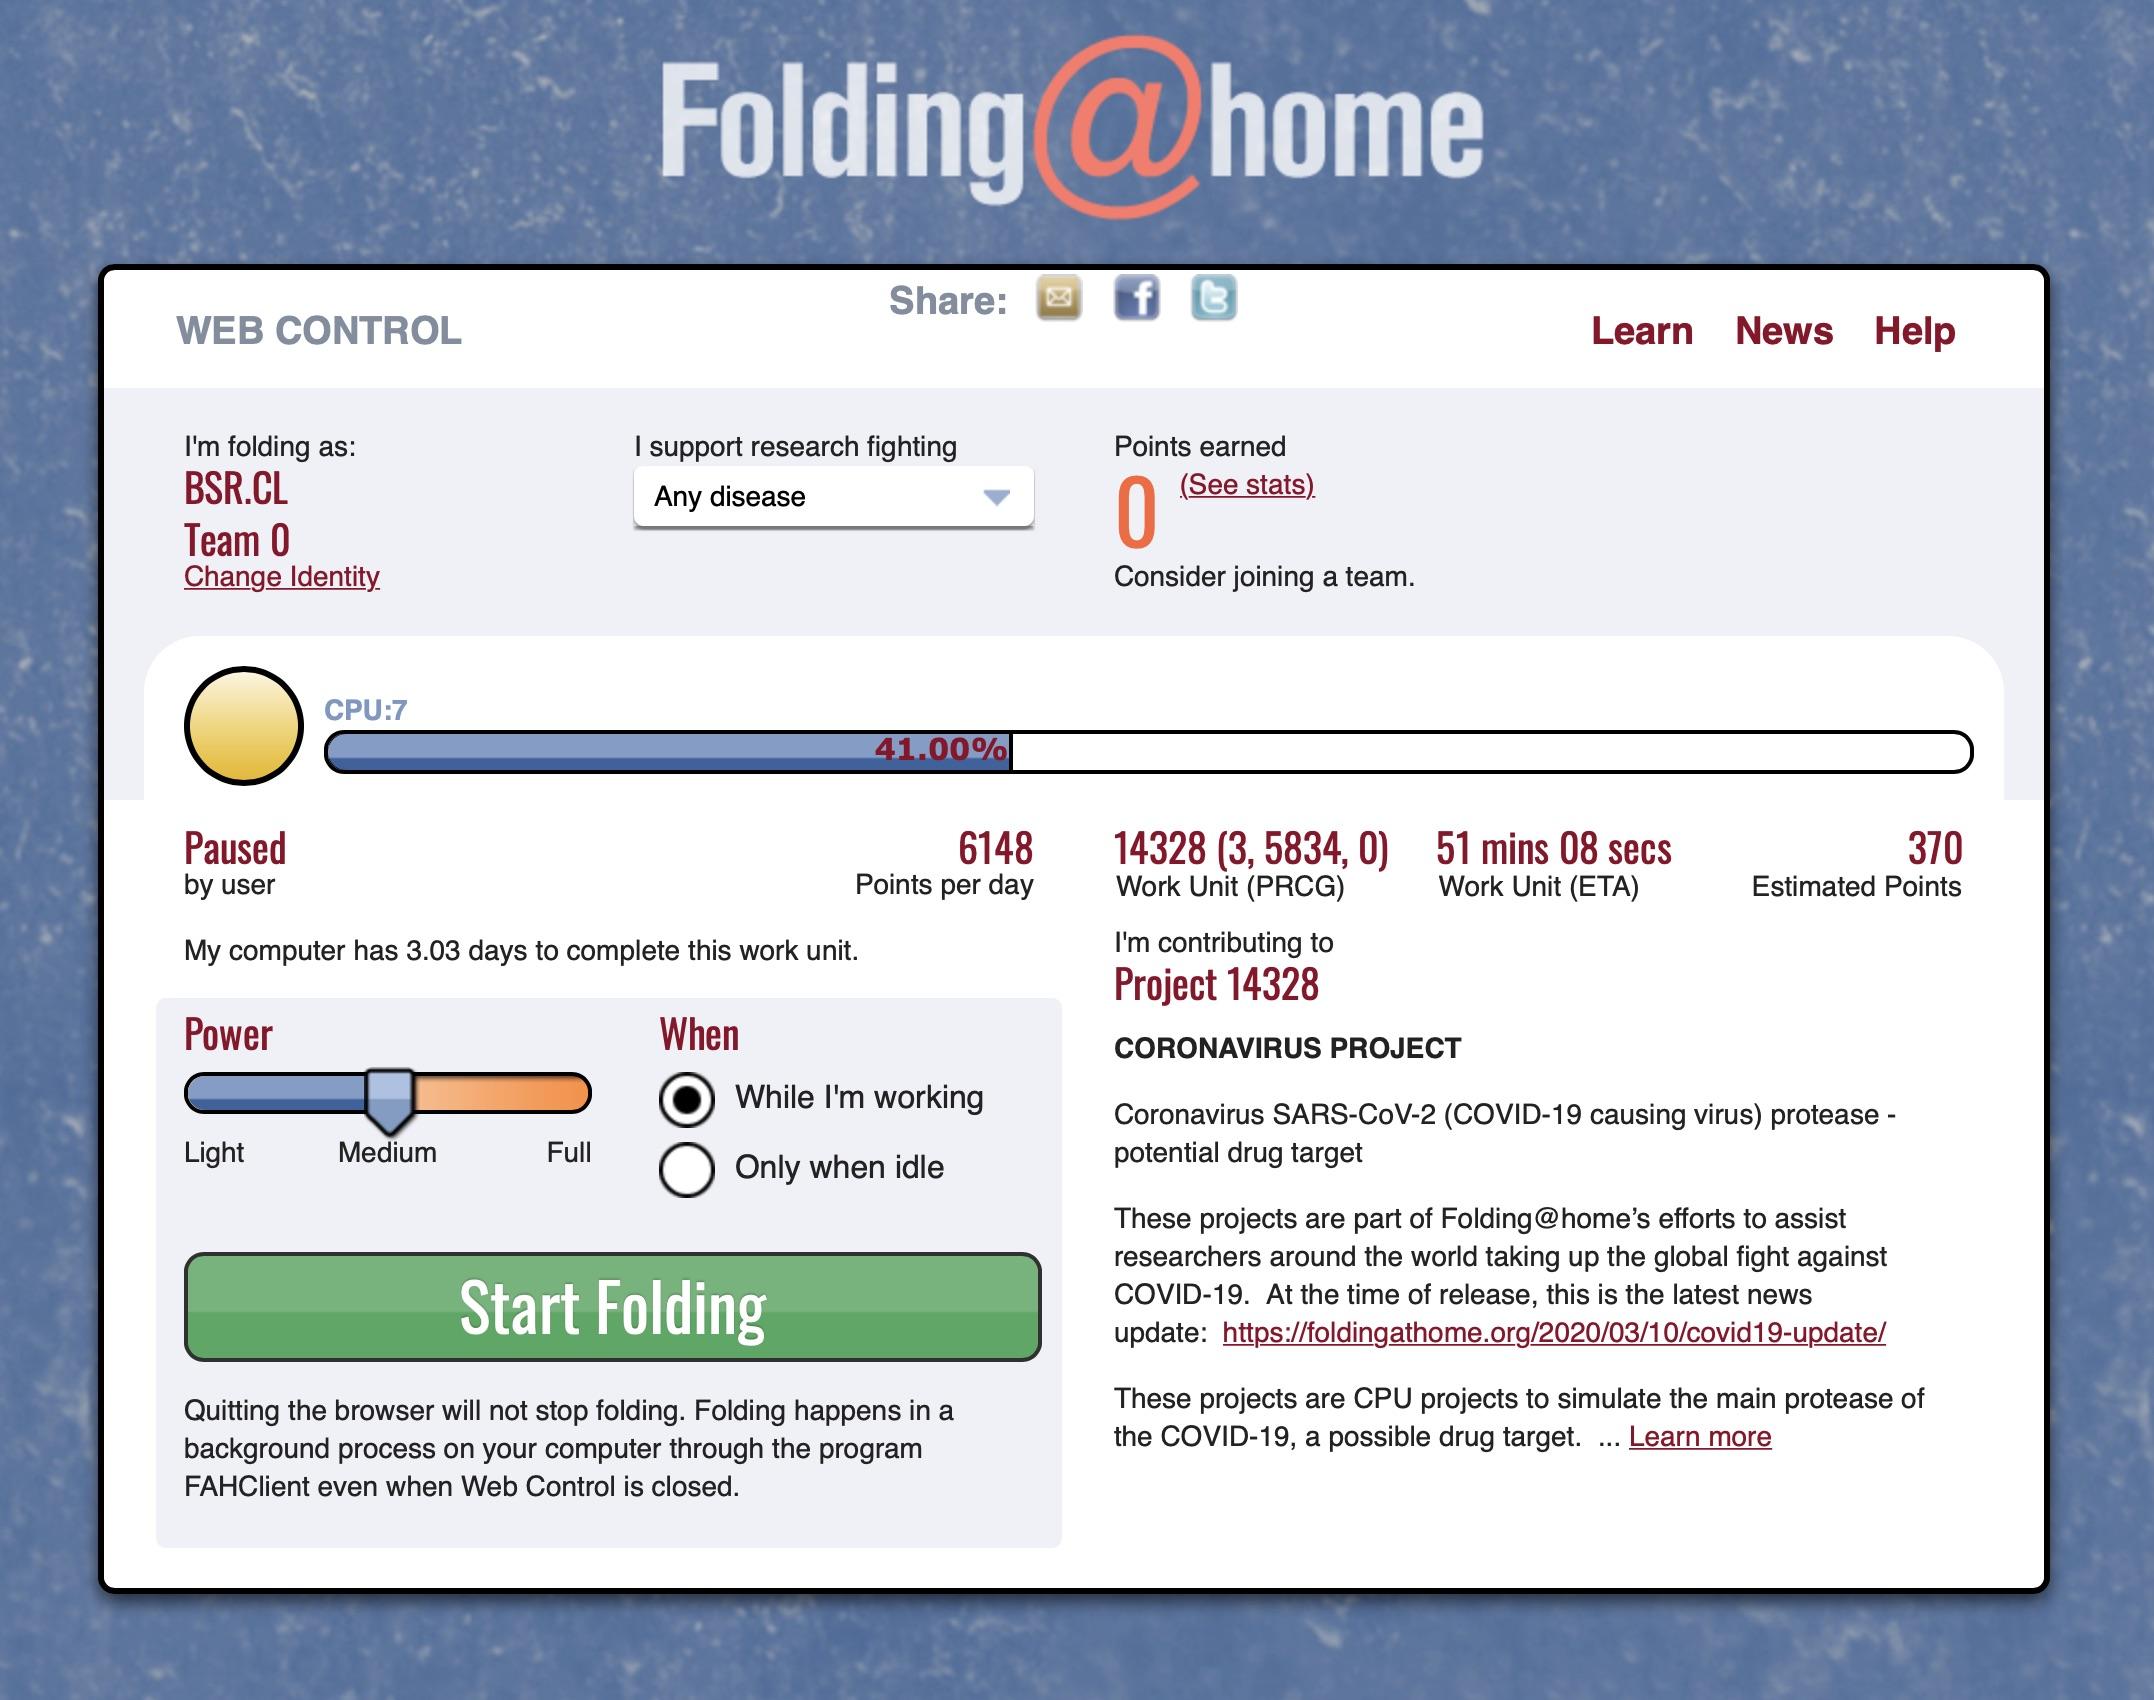 - Folding home - NVIDIA nos propone cómo poner sus gráficas al servicio de la investigación sobre el COVID-20: la iniciativa Folding@Home